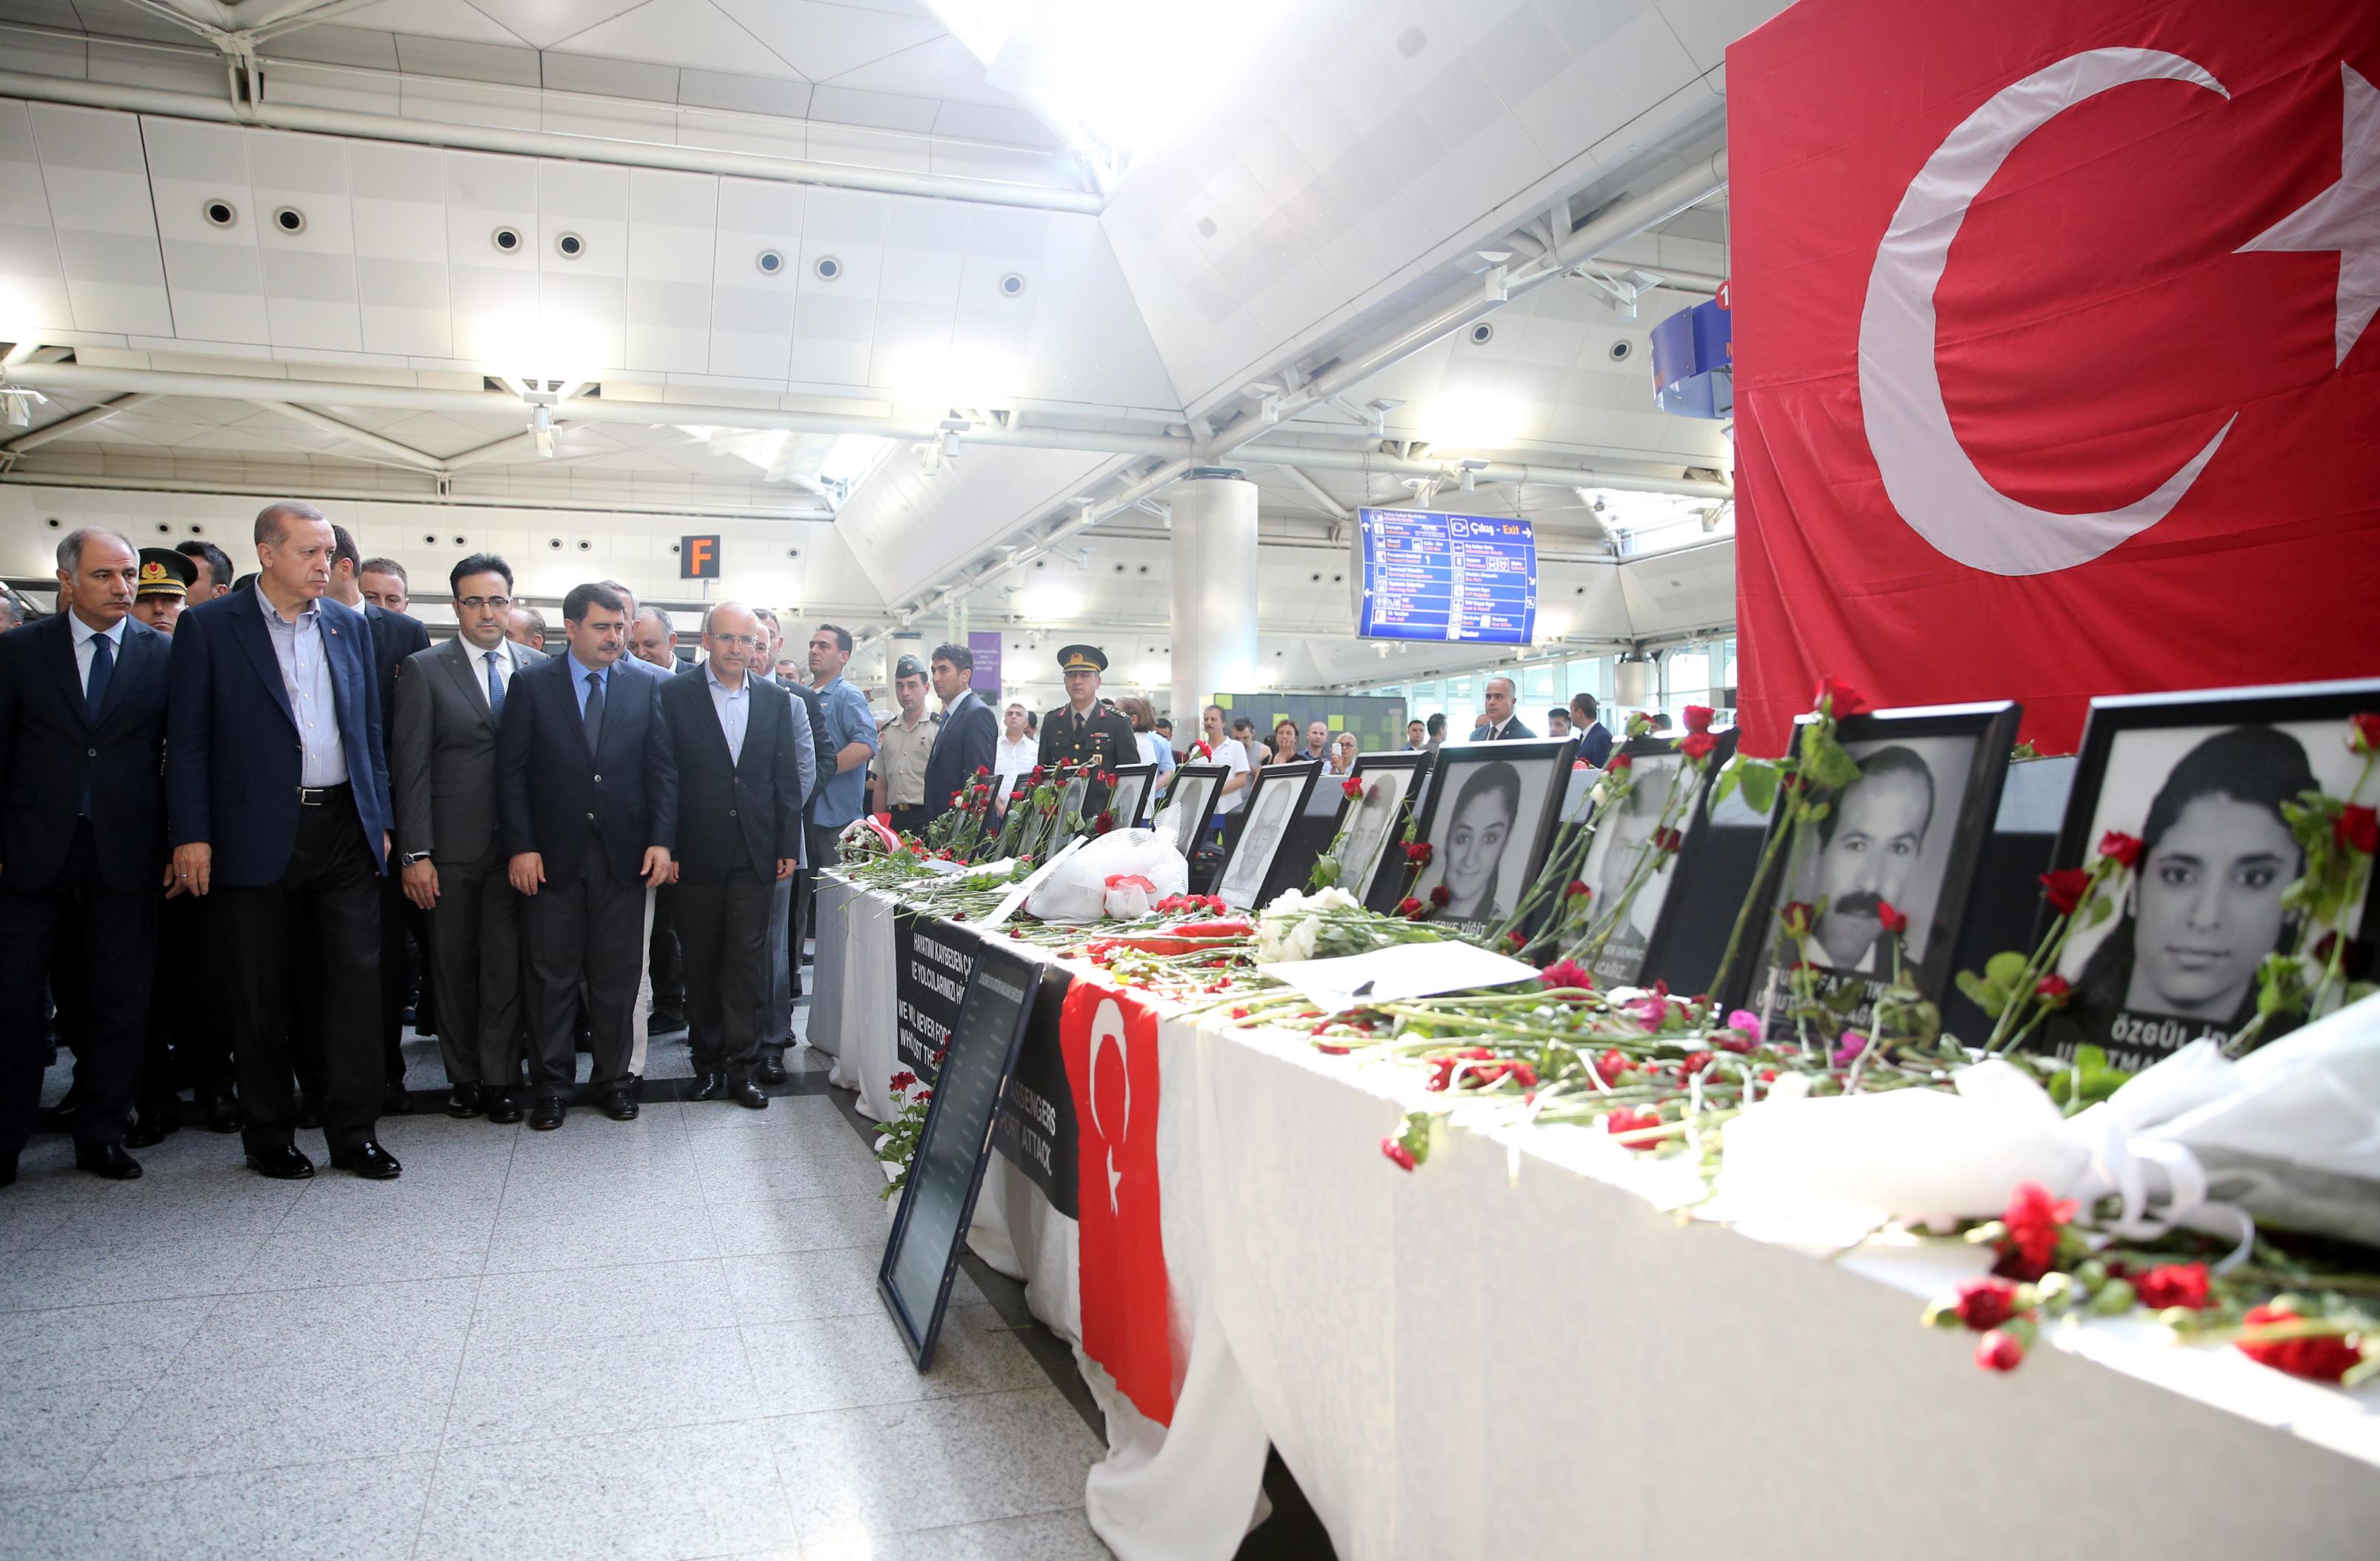 Cumhurbaşkanı Erdoğan Atatürk hava limanında incelemelerde bulundu